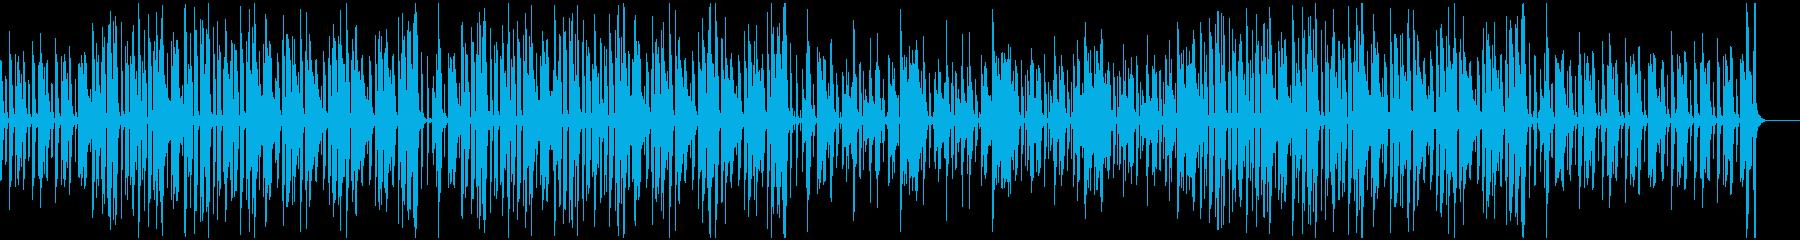 【ザ・ほのぼの】リコーダー&ピアノの再生済みの波形